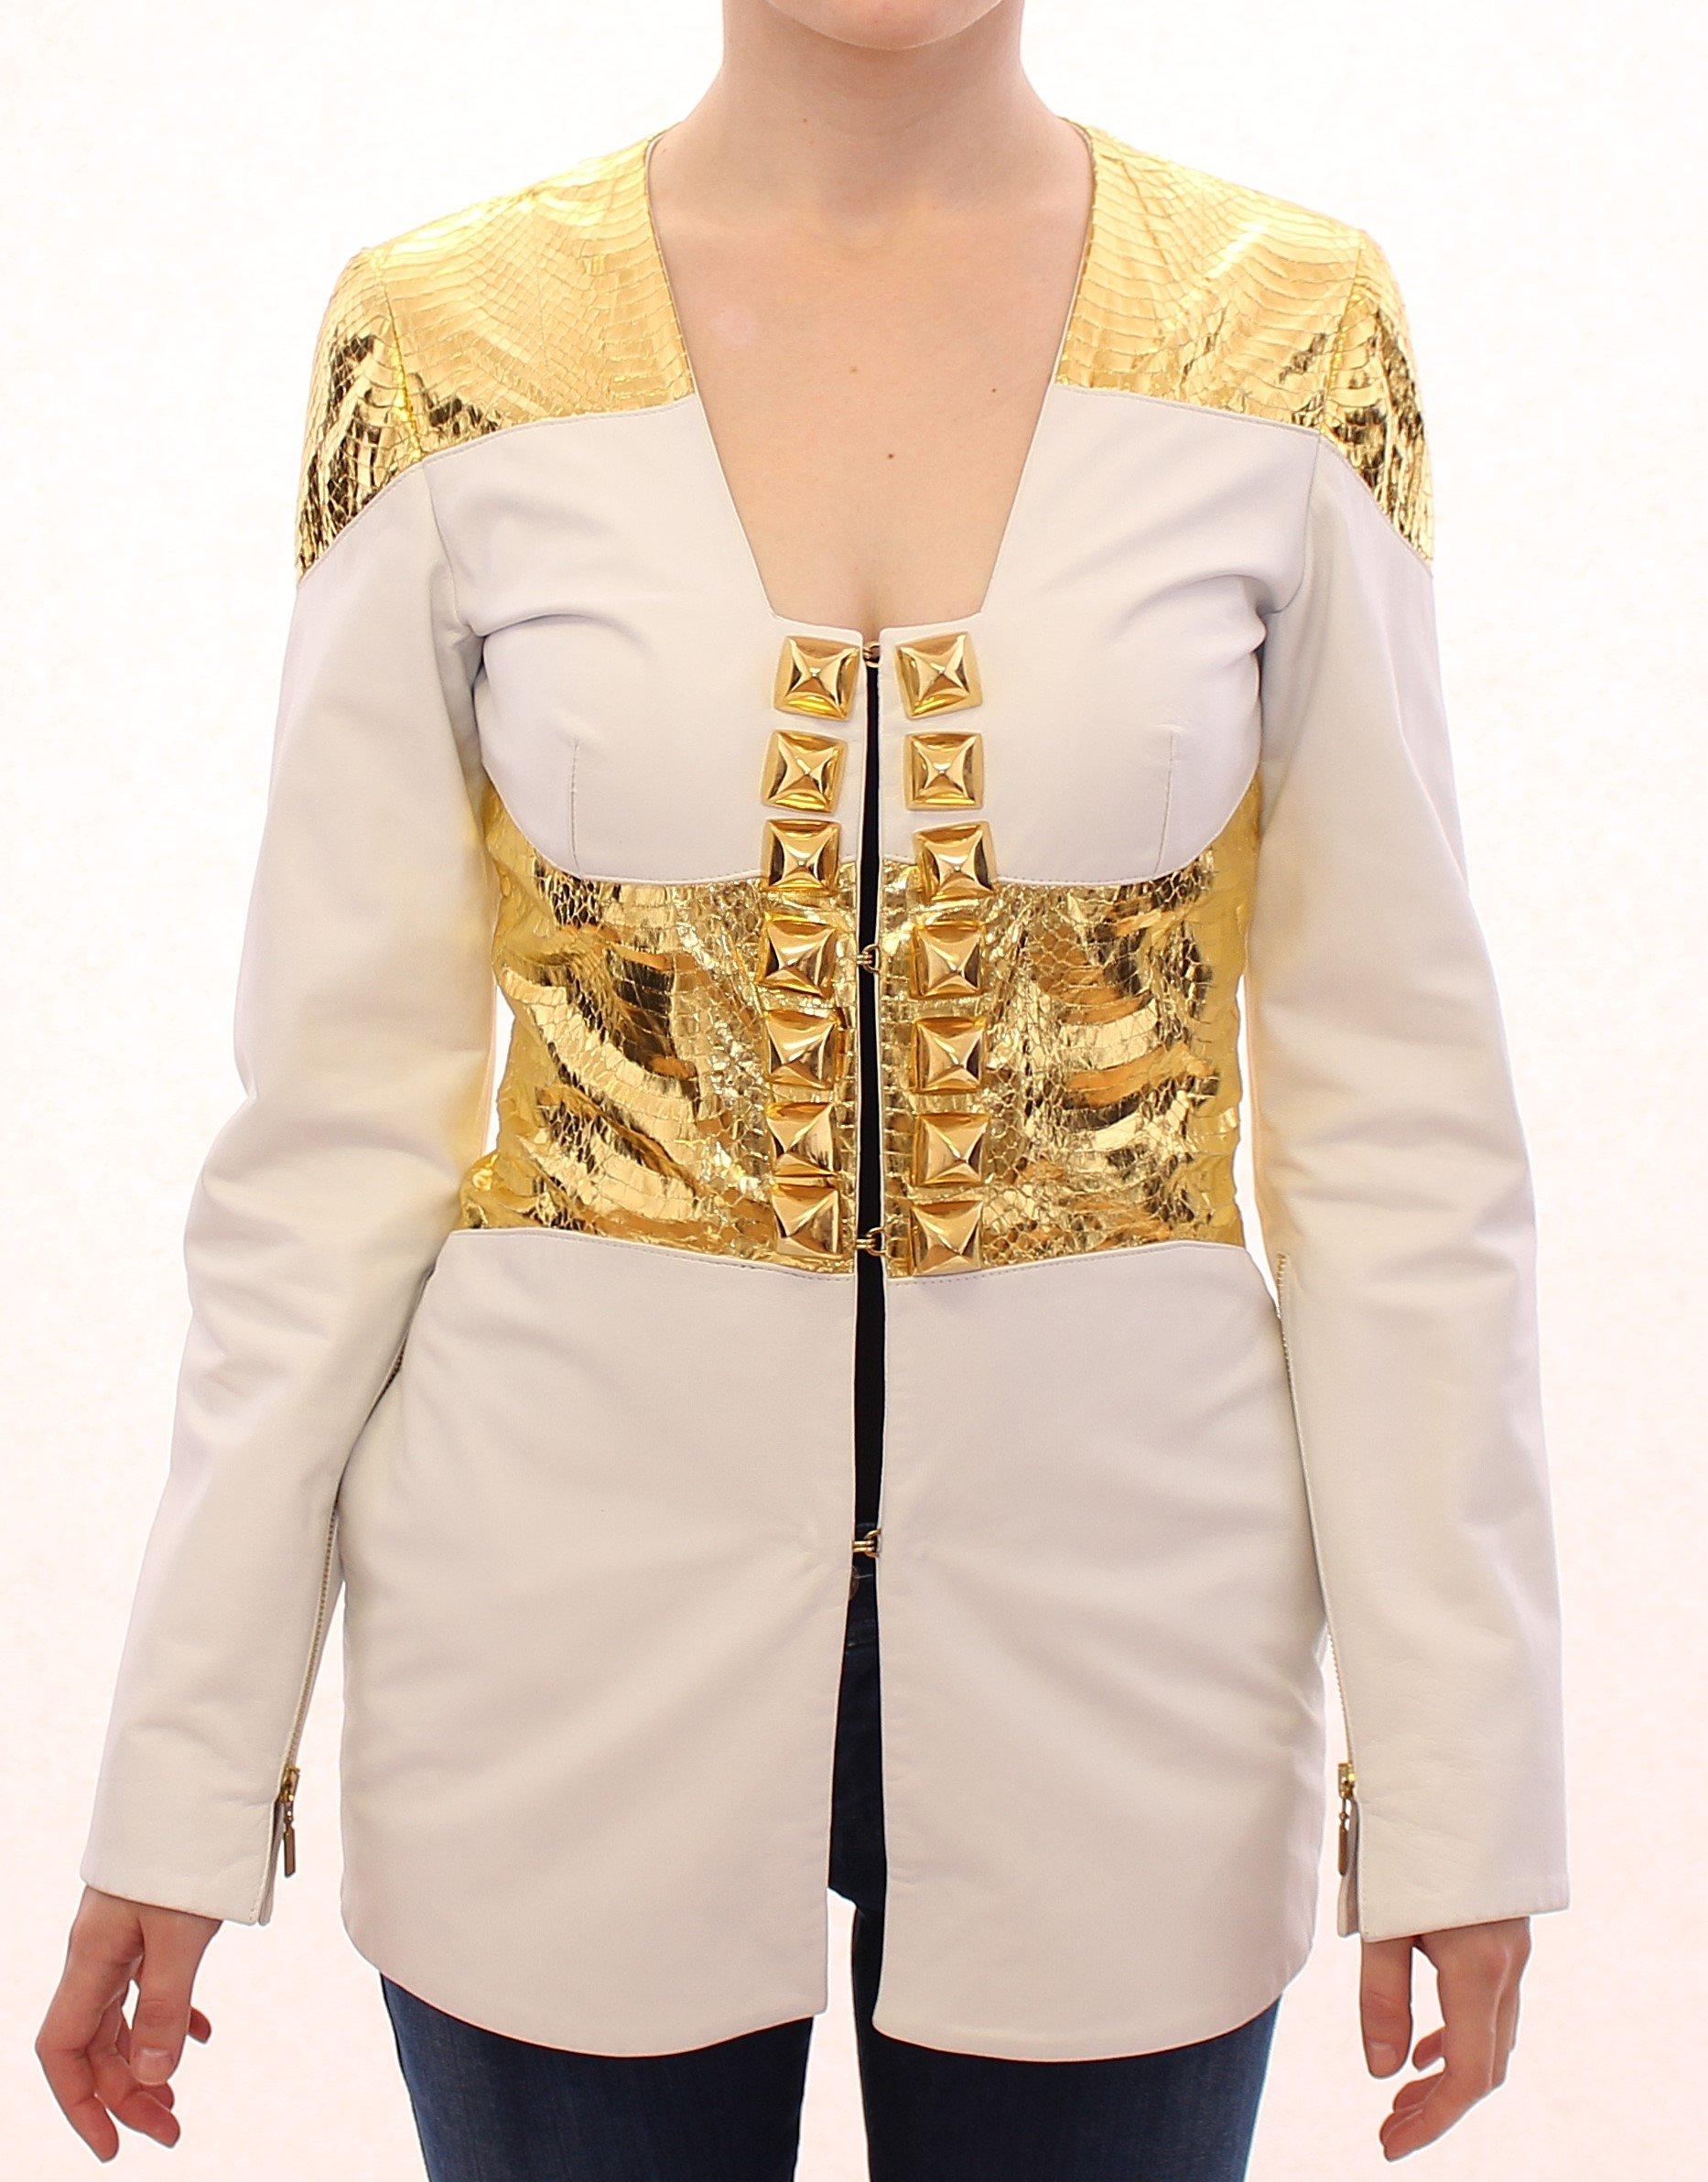 Vladimiro Gioia Women's Metallic Leather Jacket White GSS10677 - IT42|M